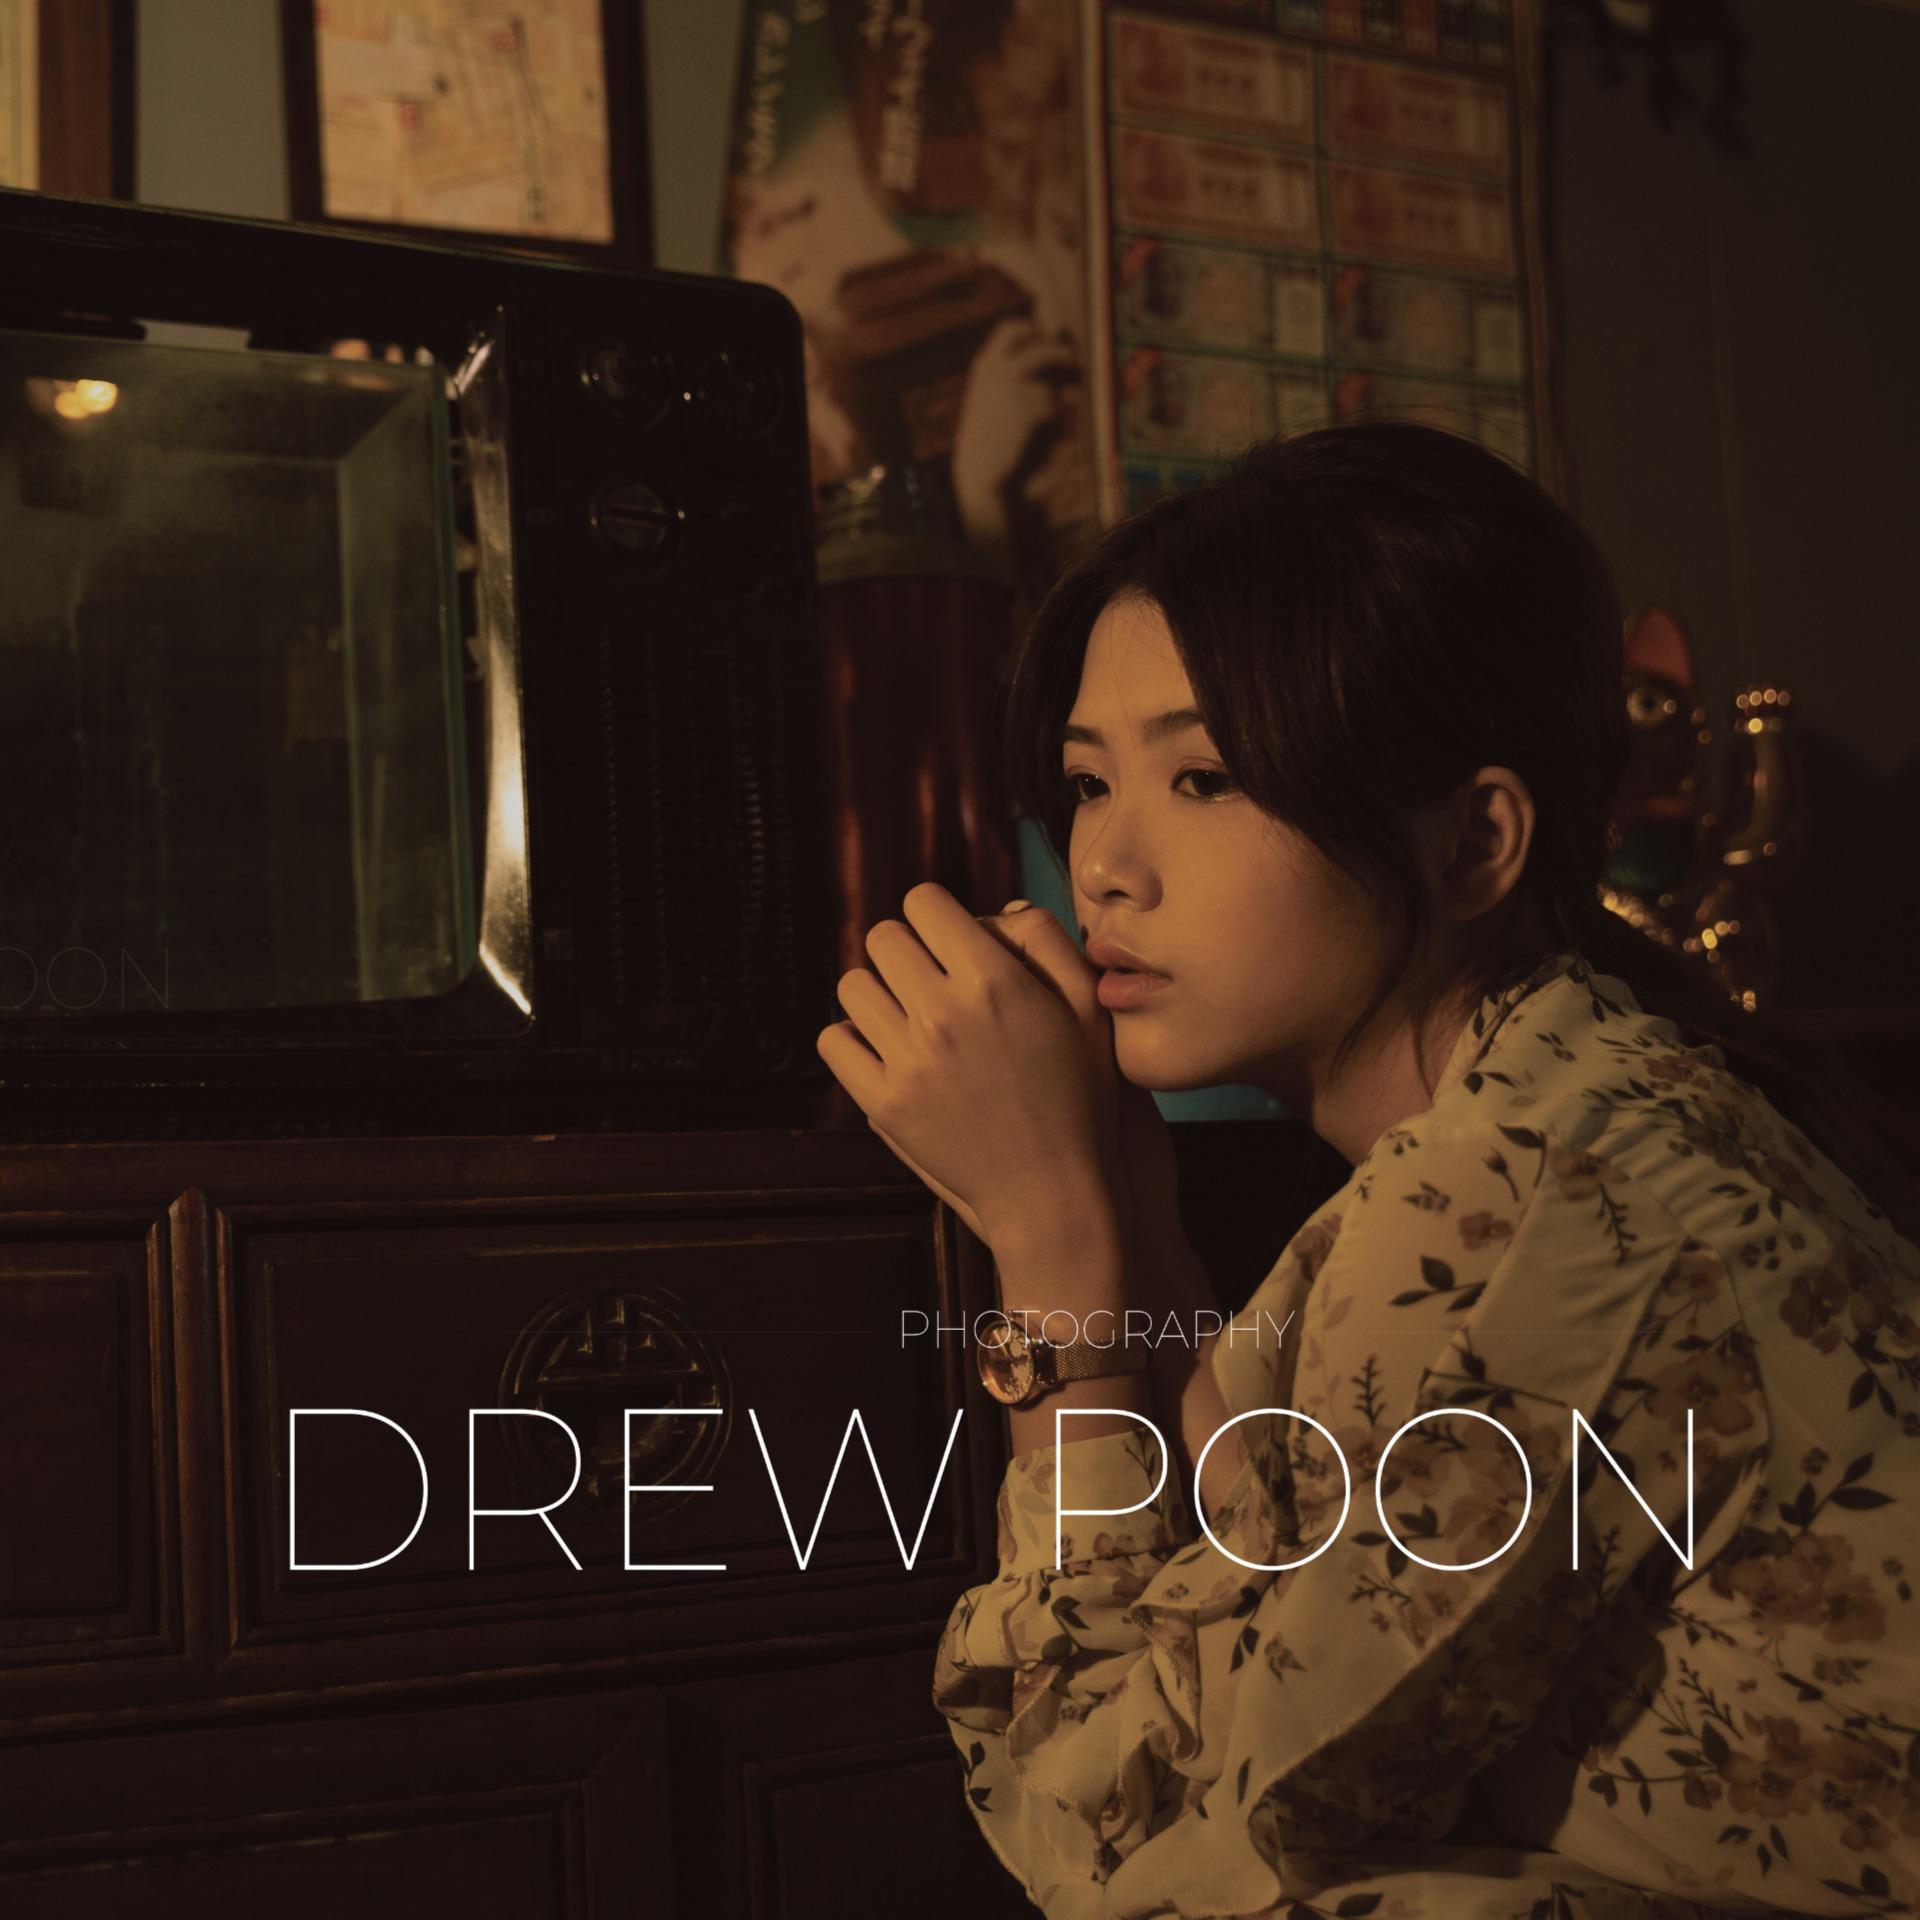 Drew Poon Photography